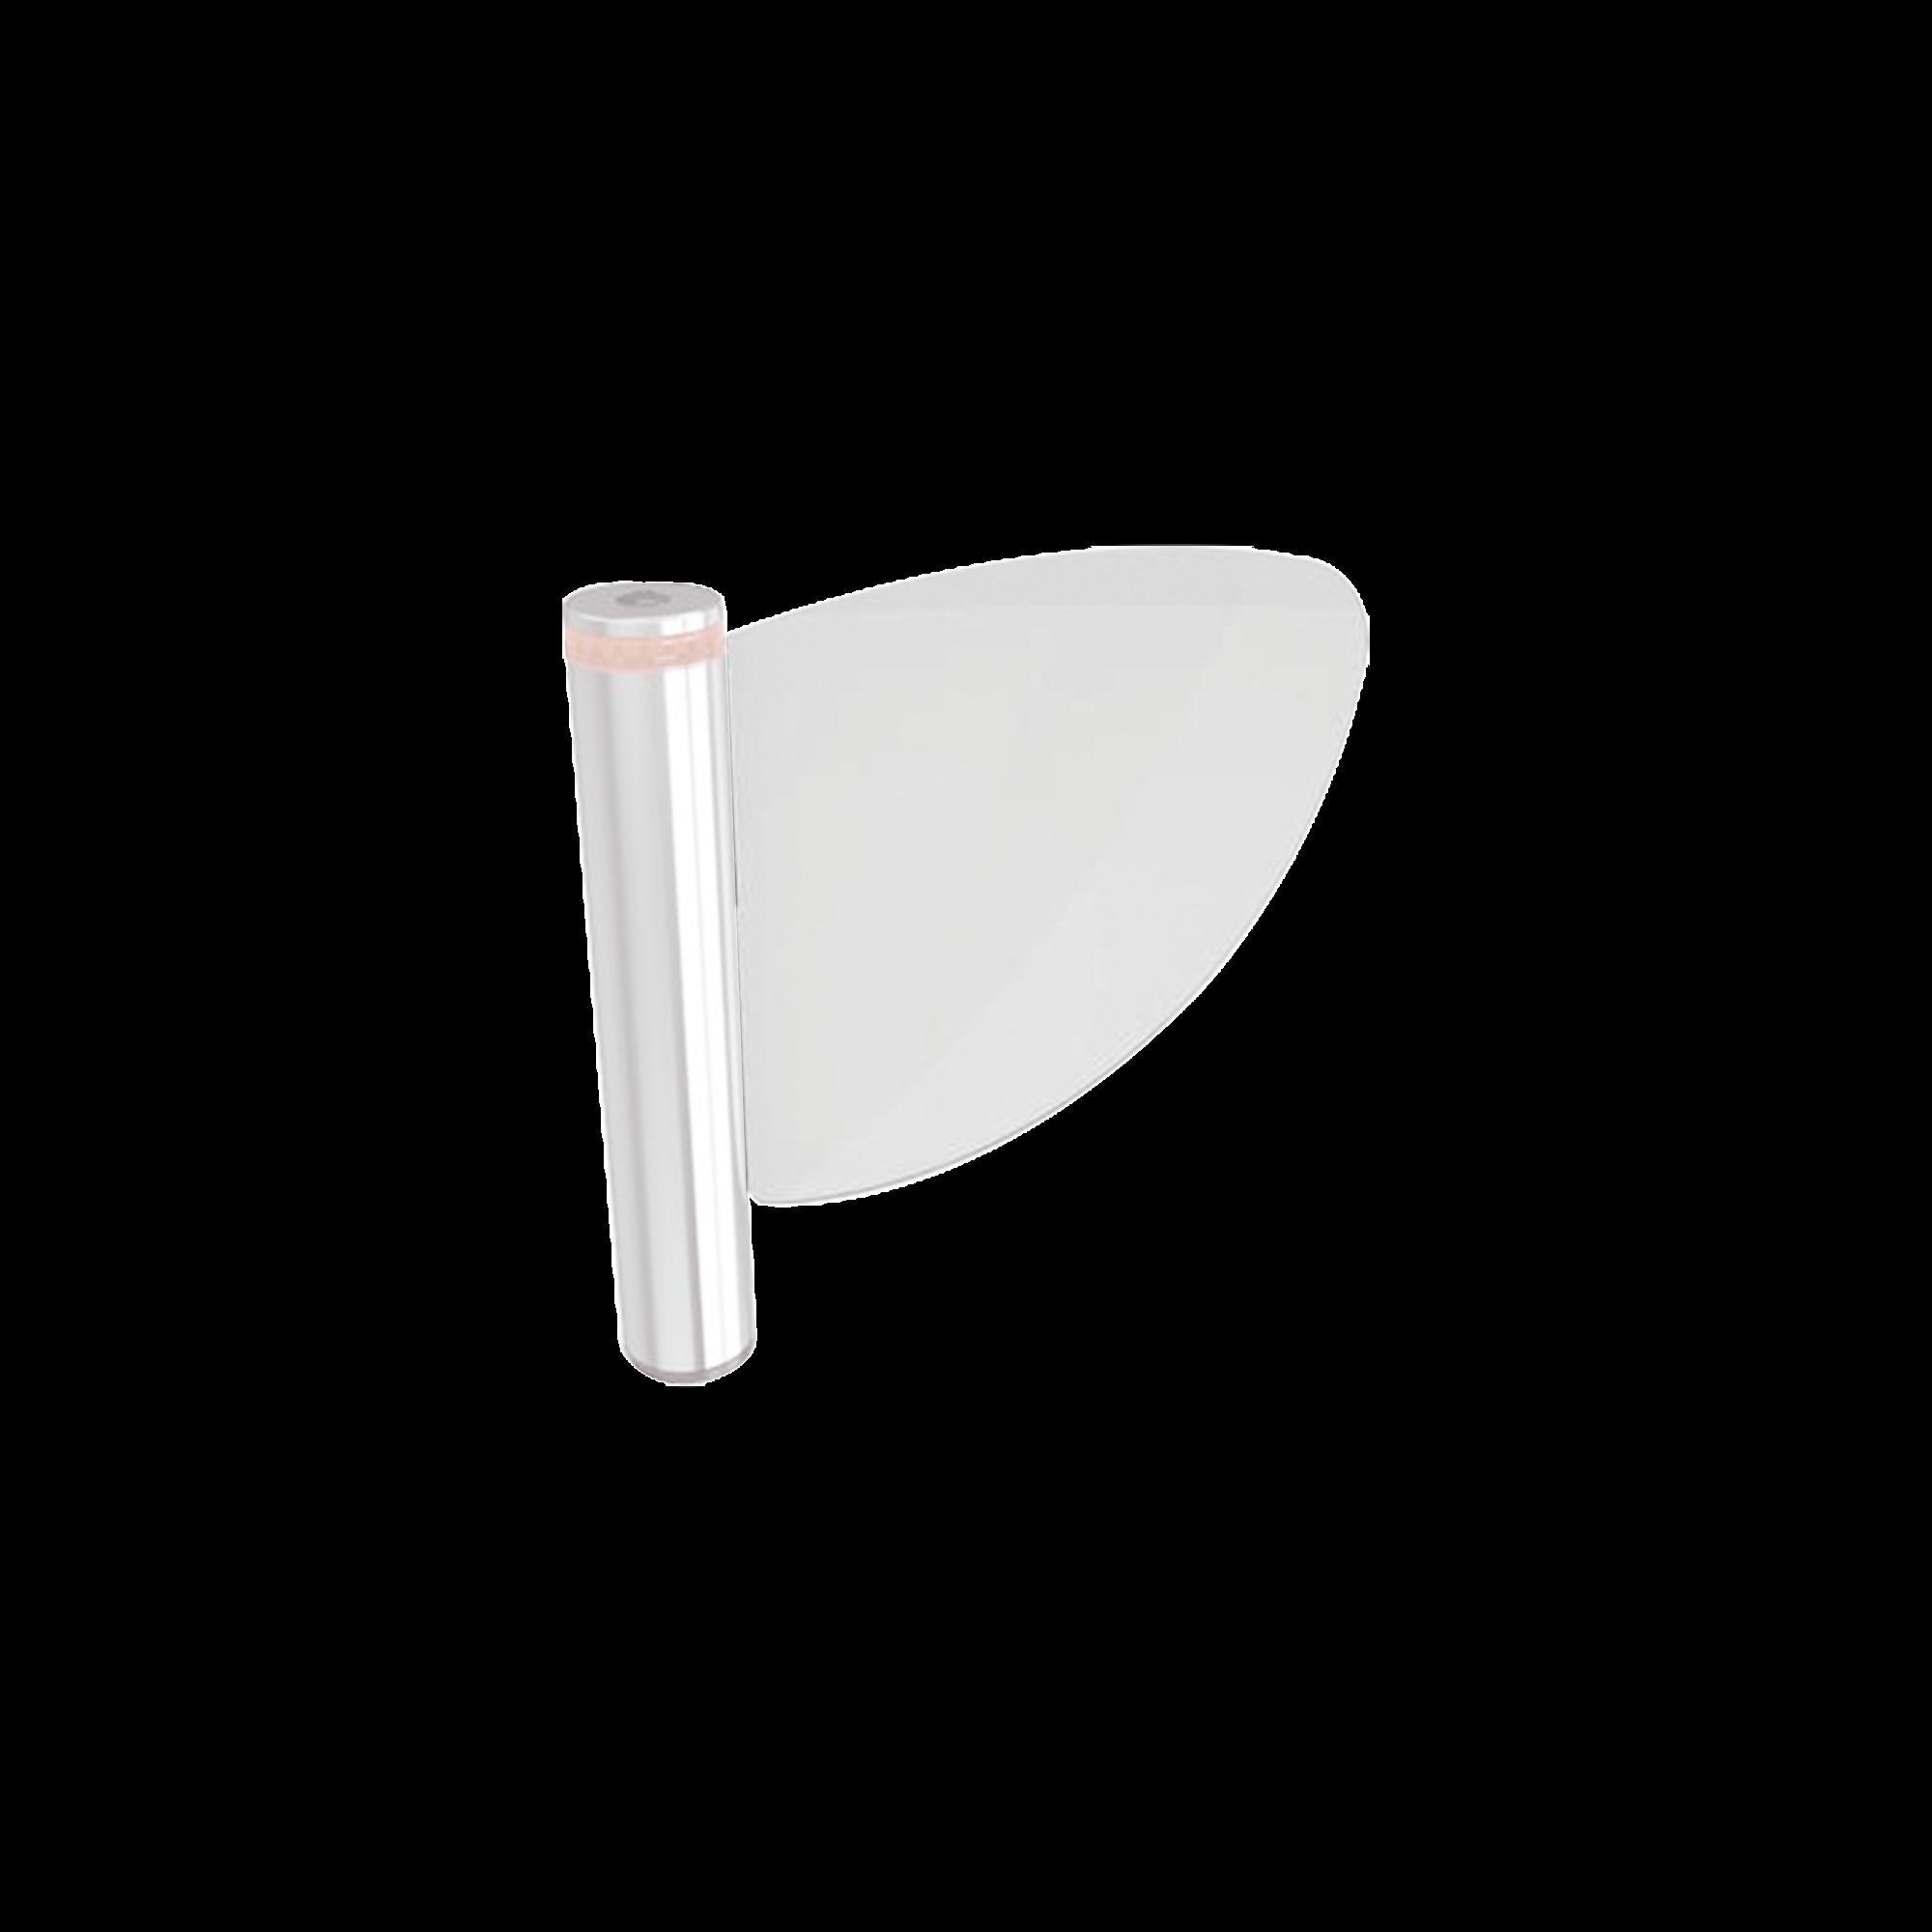 Hoja de plexiglás para puerta de cortesía WING 40 CAME / Largo 60 cm / Grosor 10 mm / Producto bajo pedido